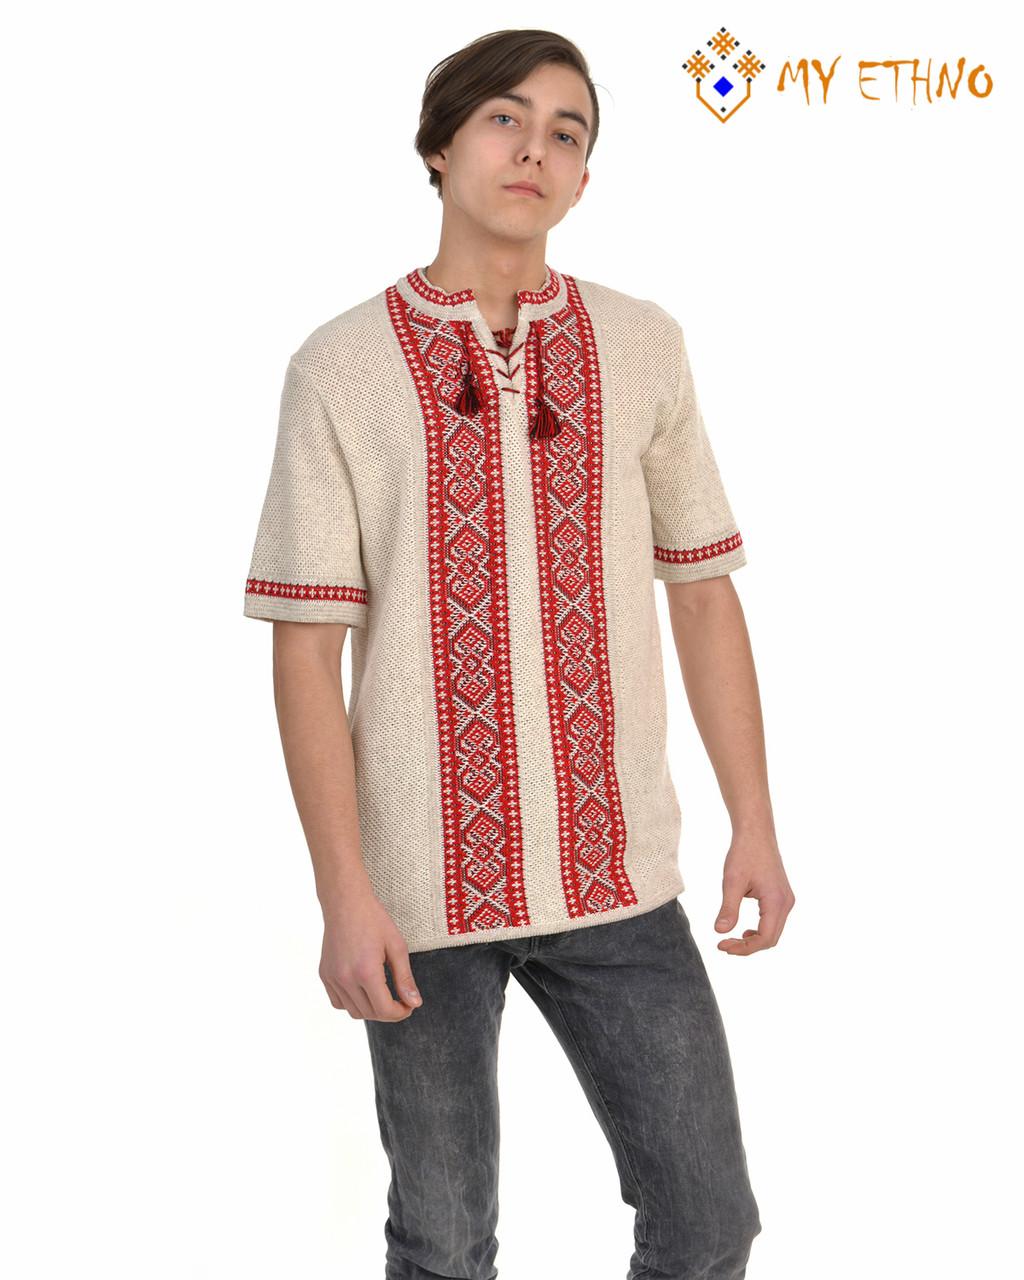 Мужская вязаная рубашка Крестики красные (короткий рукав)